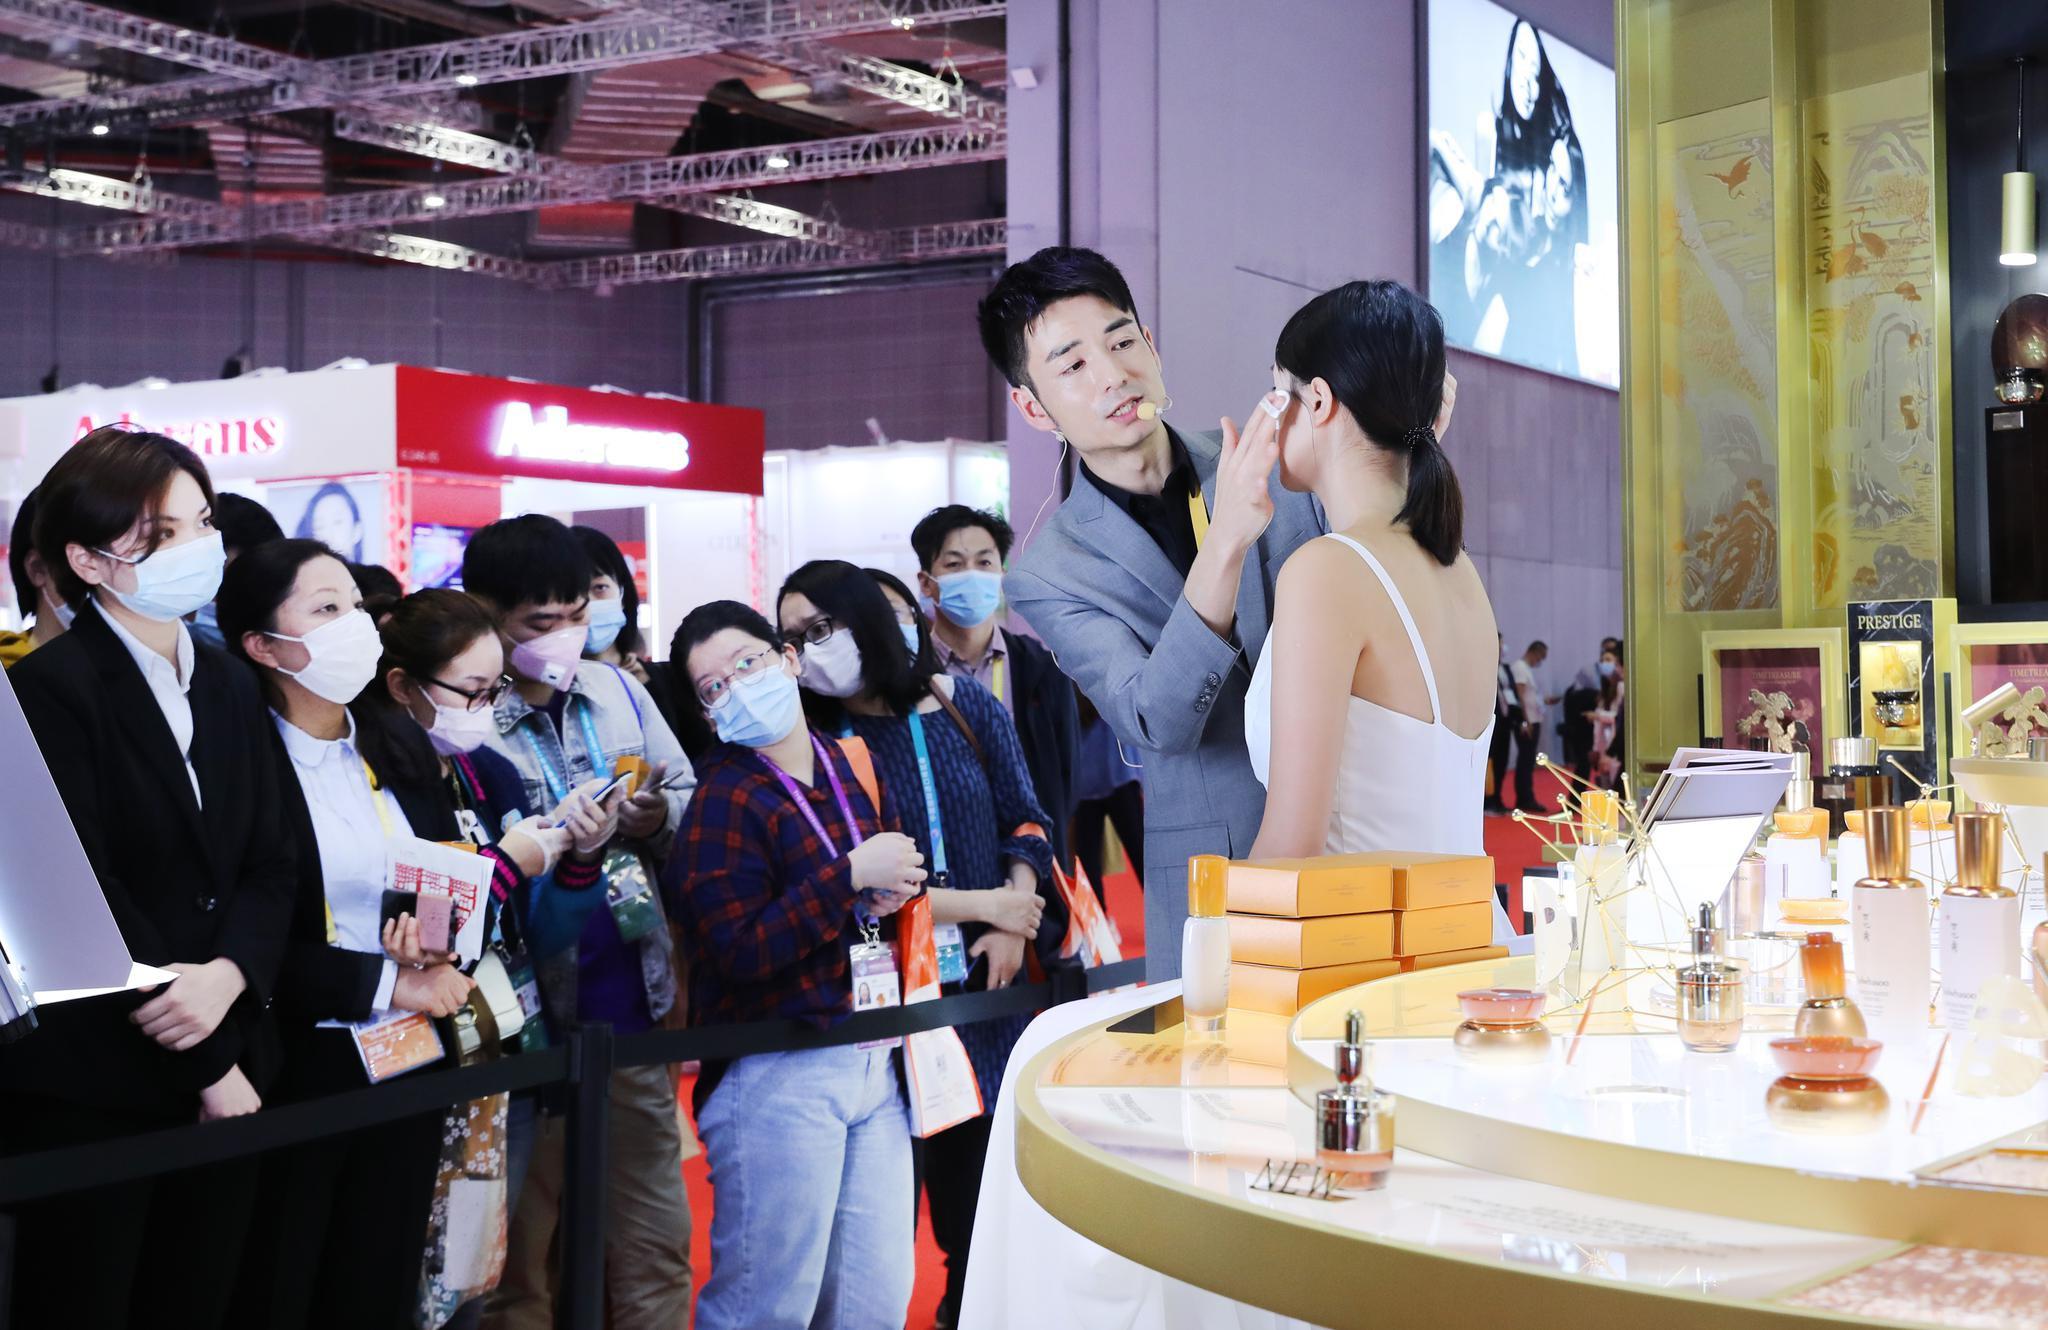 韩国爱茉莉太平洋集团高管黄永慜:持续开发中国市场的经营战略不会改变